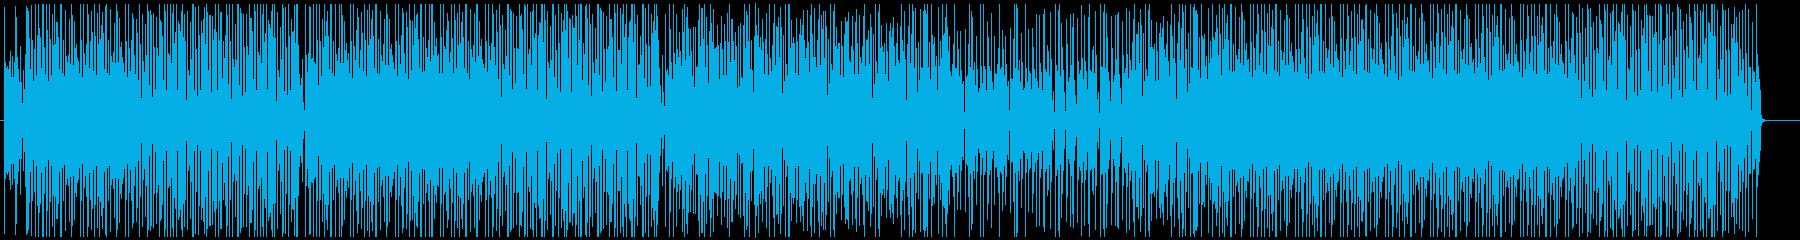 テーマパークの軽快でお洒落なジャズ♫の再生済みの波形